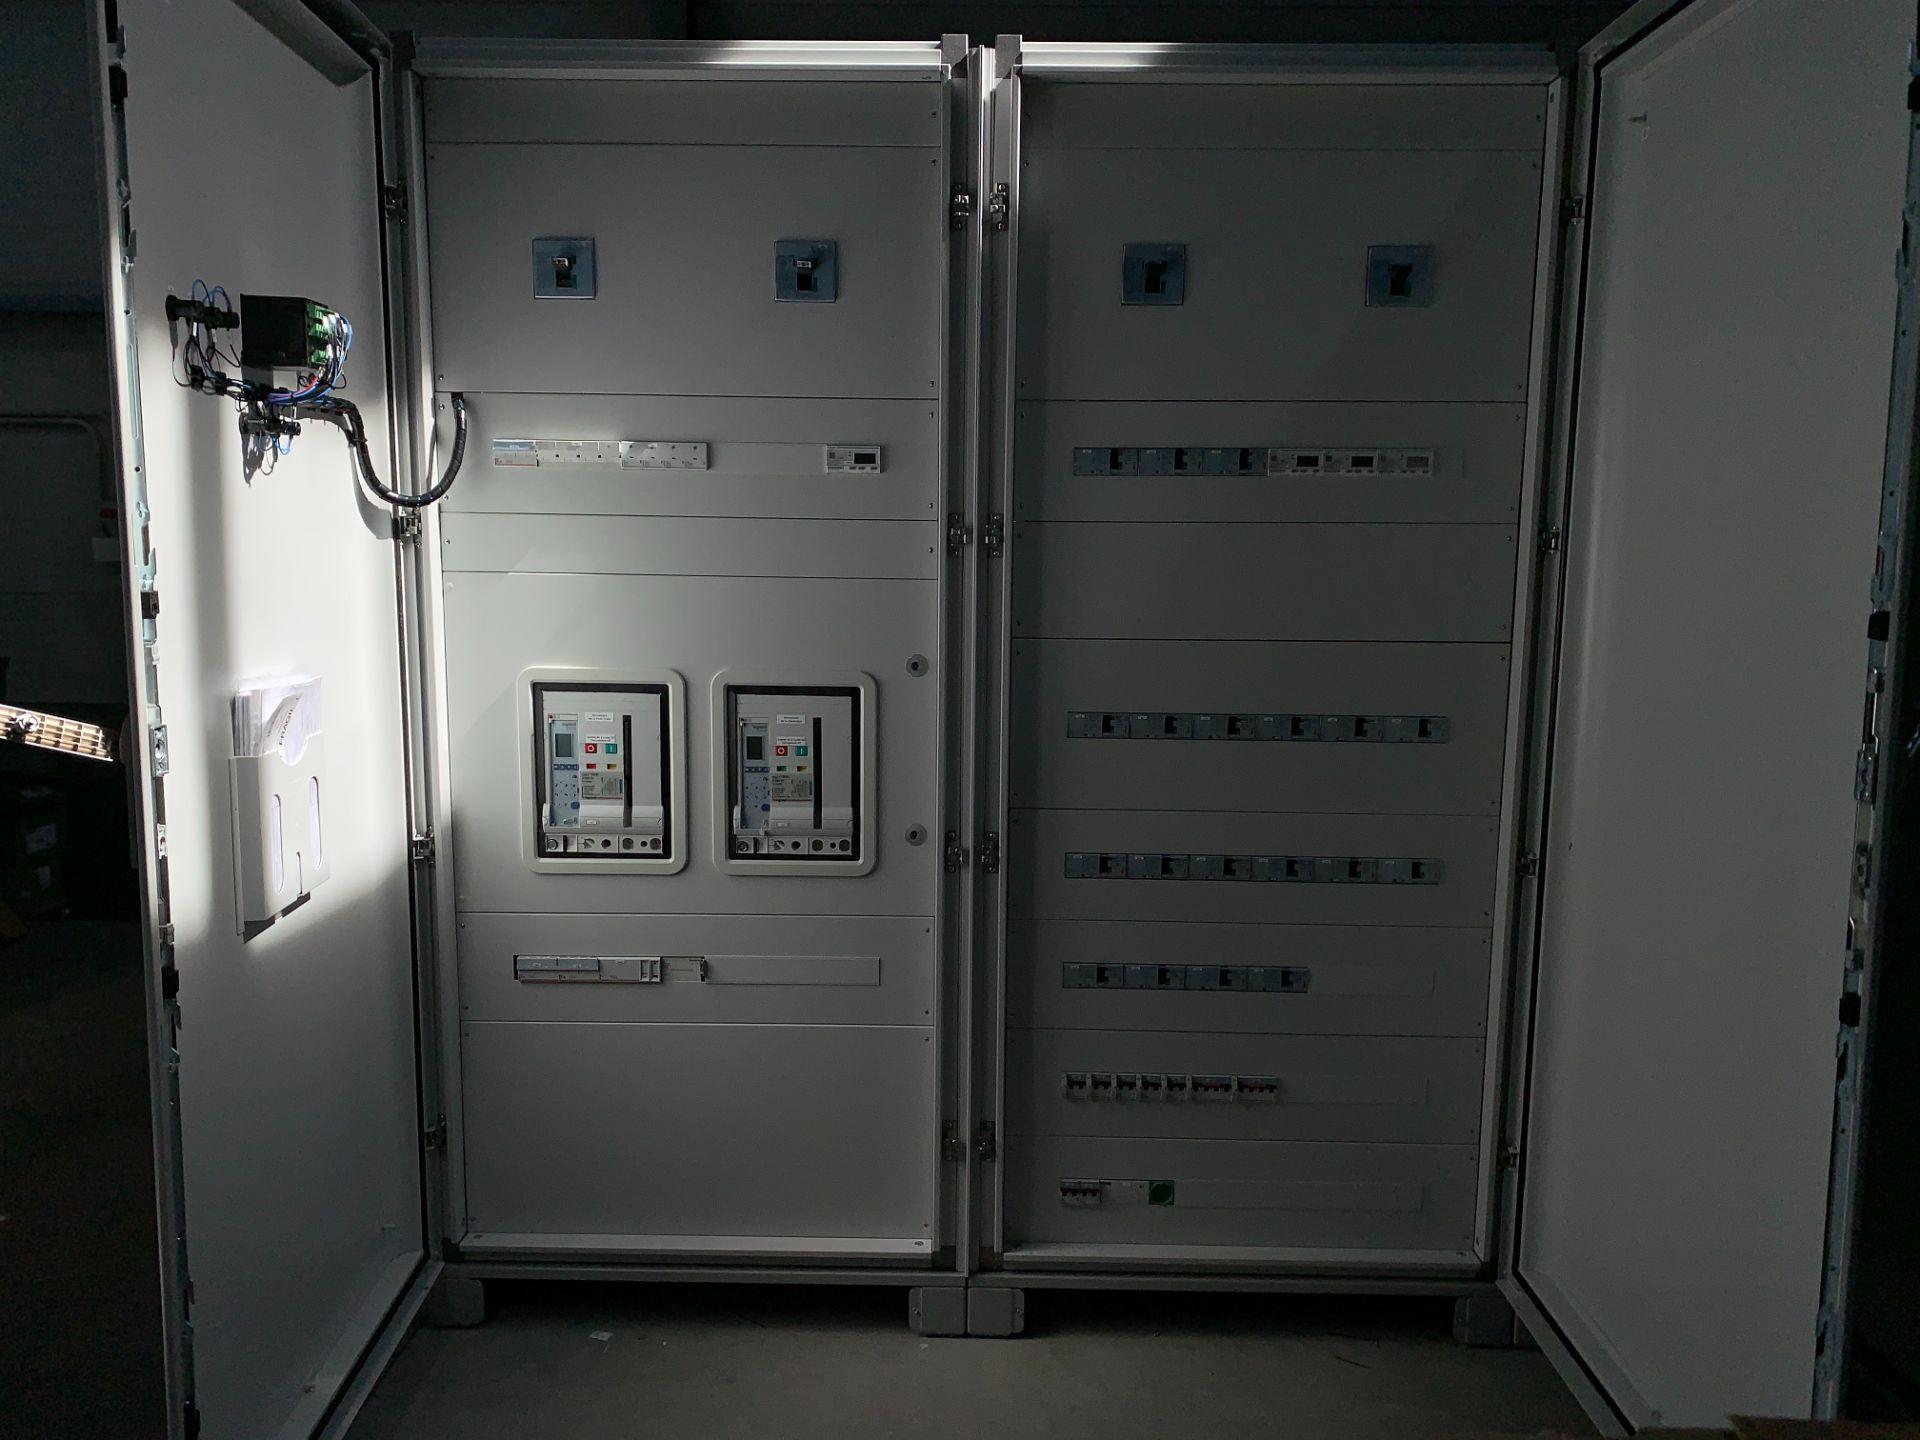 Tablouri electrice și automatizări IMG 2065